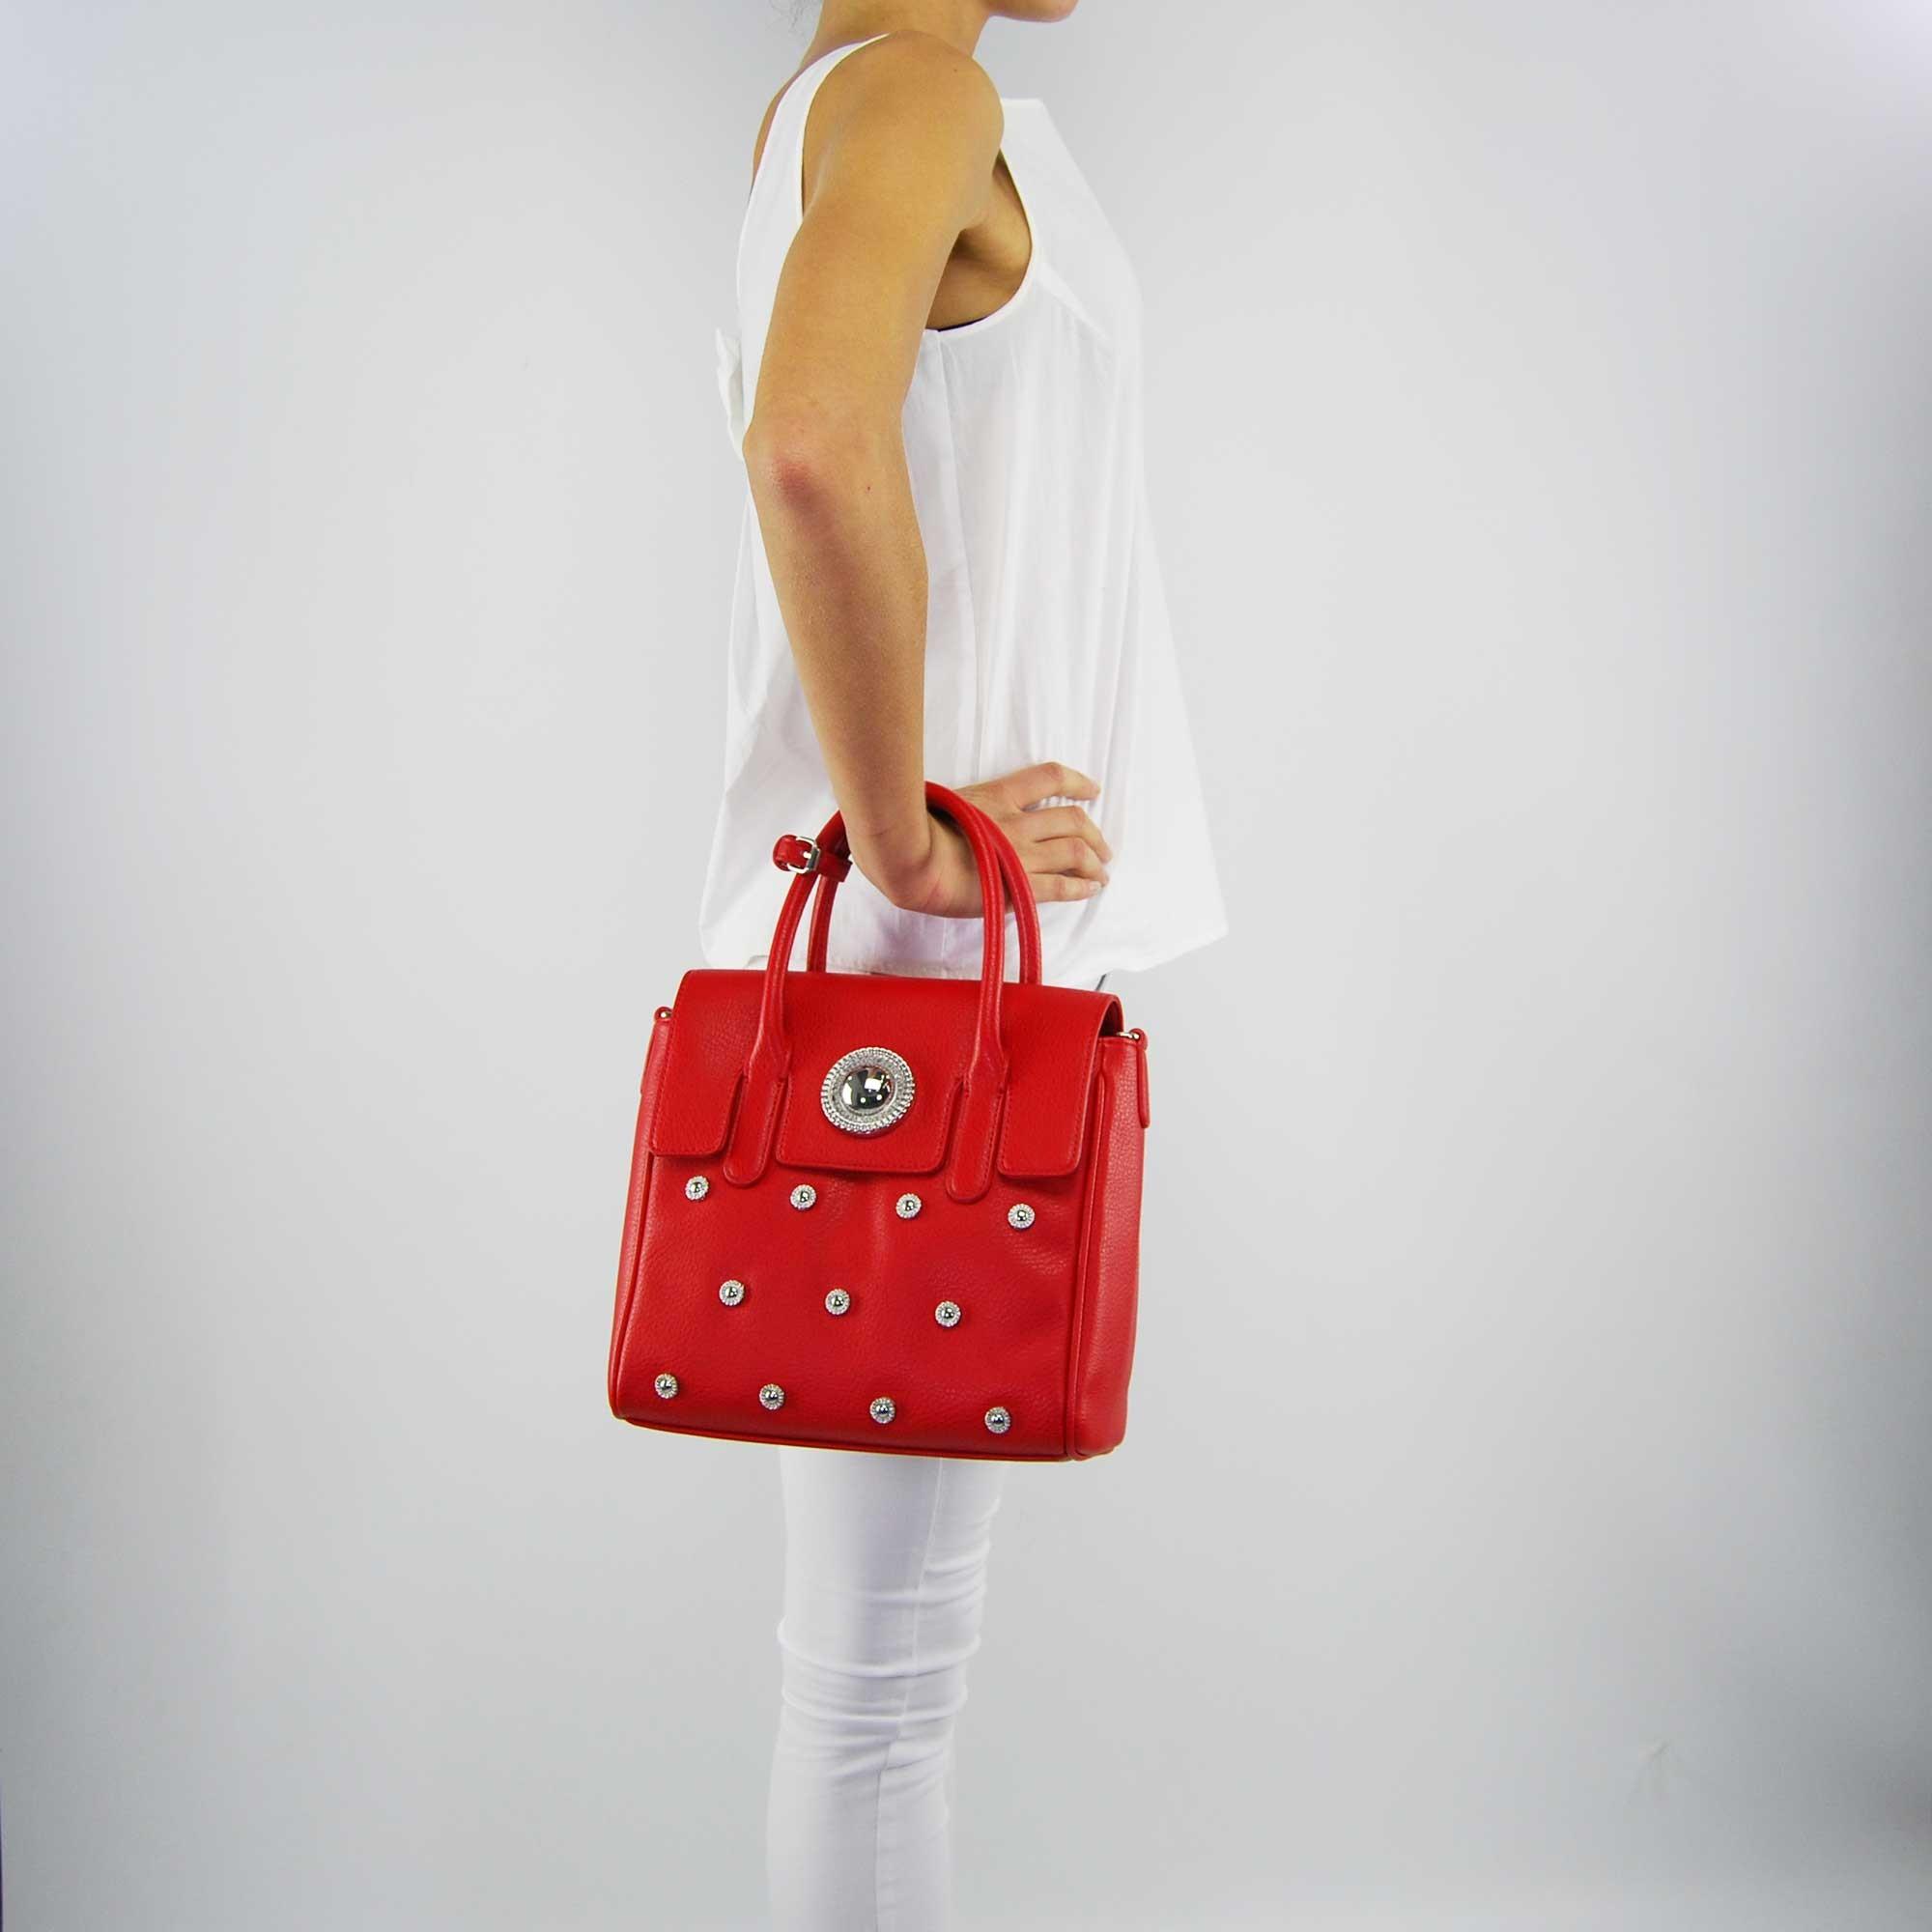 Sac sacoche Versace Jeans texture avec des rivets rouge 54772f80f4e